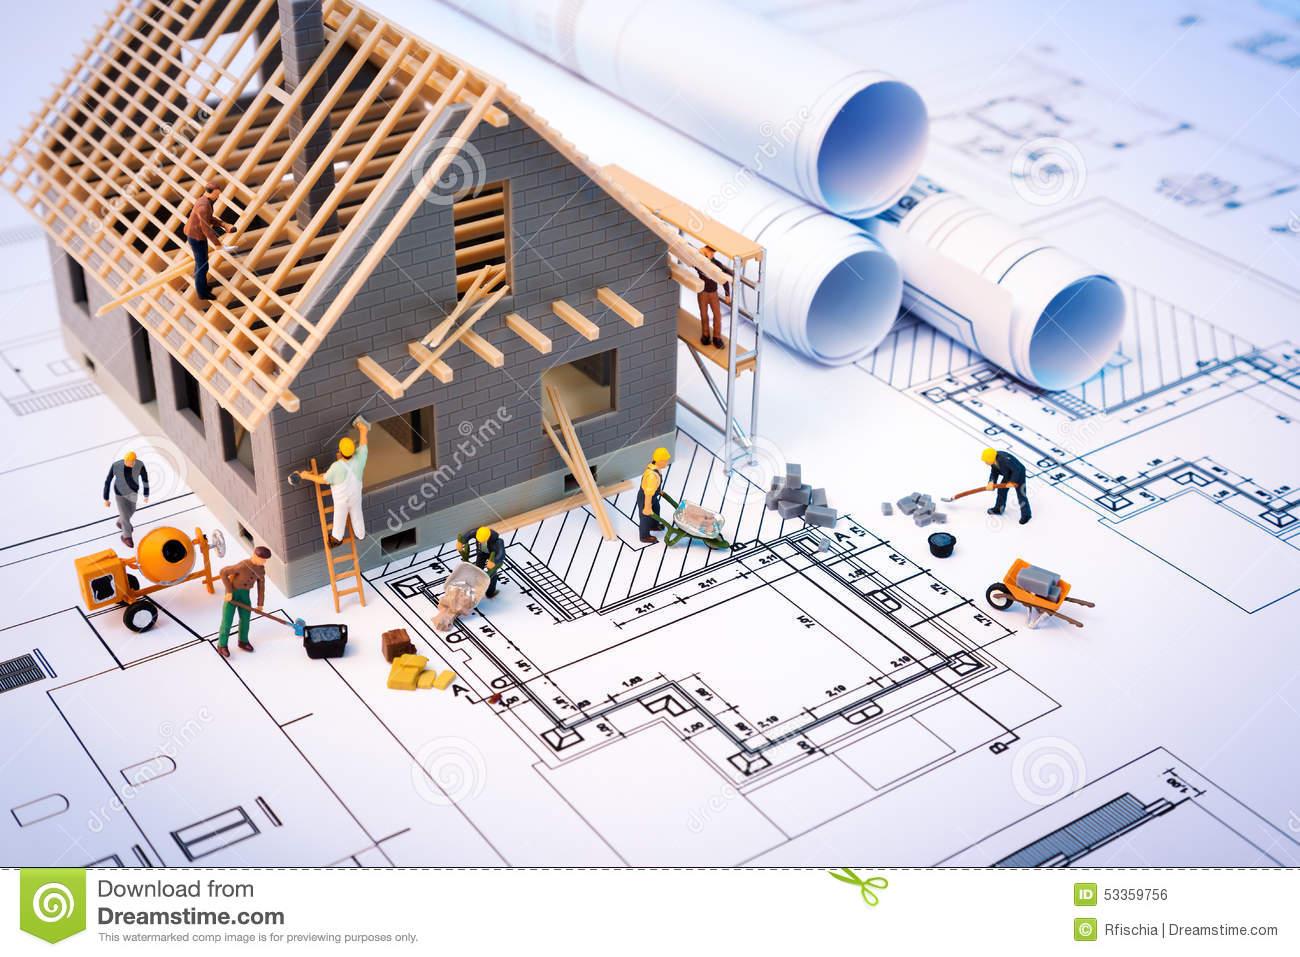 DCC5183 PROJECT MANAGEMENT & PRACTICES